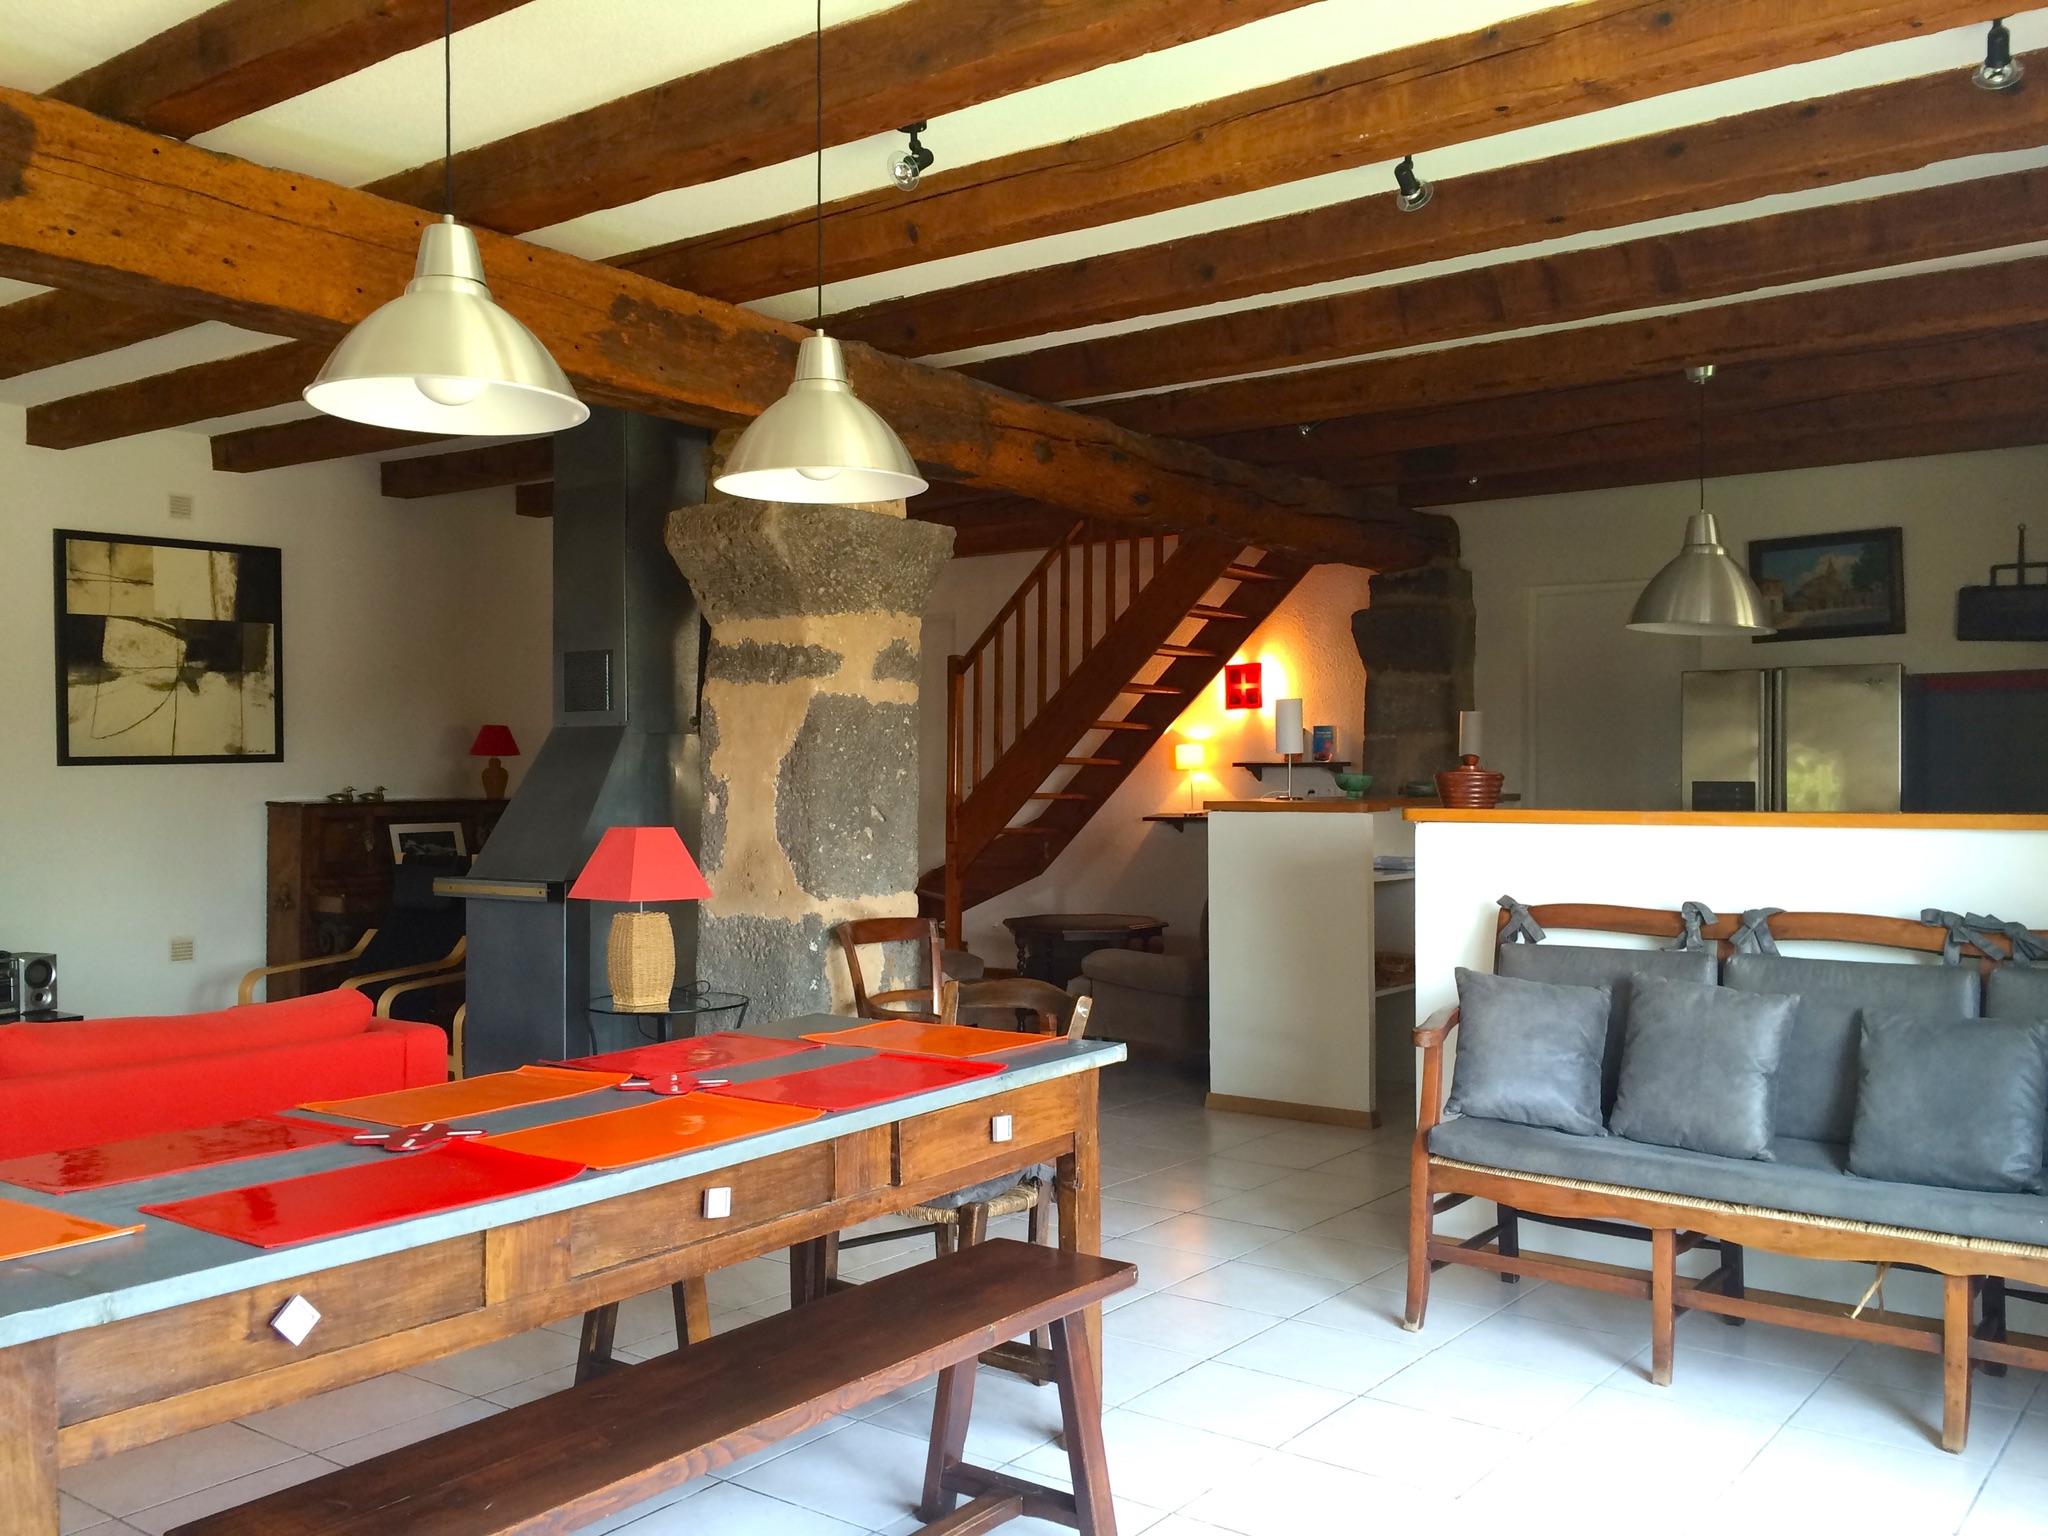 Ferienhaus Bauernhaus in der Languedoc-Roussillon mit Pool und üppigem Garten (2201002), Portiragnes, Mittelmeerküste Hérault, Languedoc-Roussillon, Frankreich, Bild 6